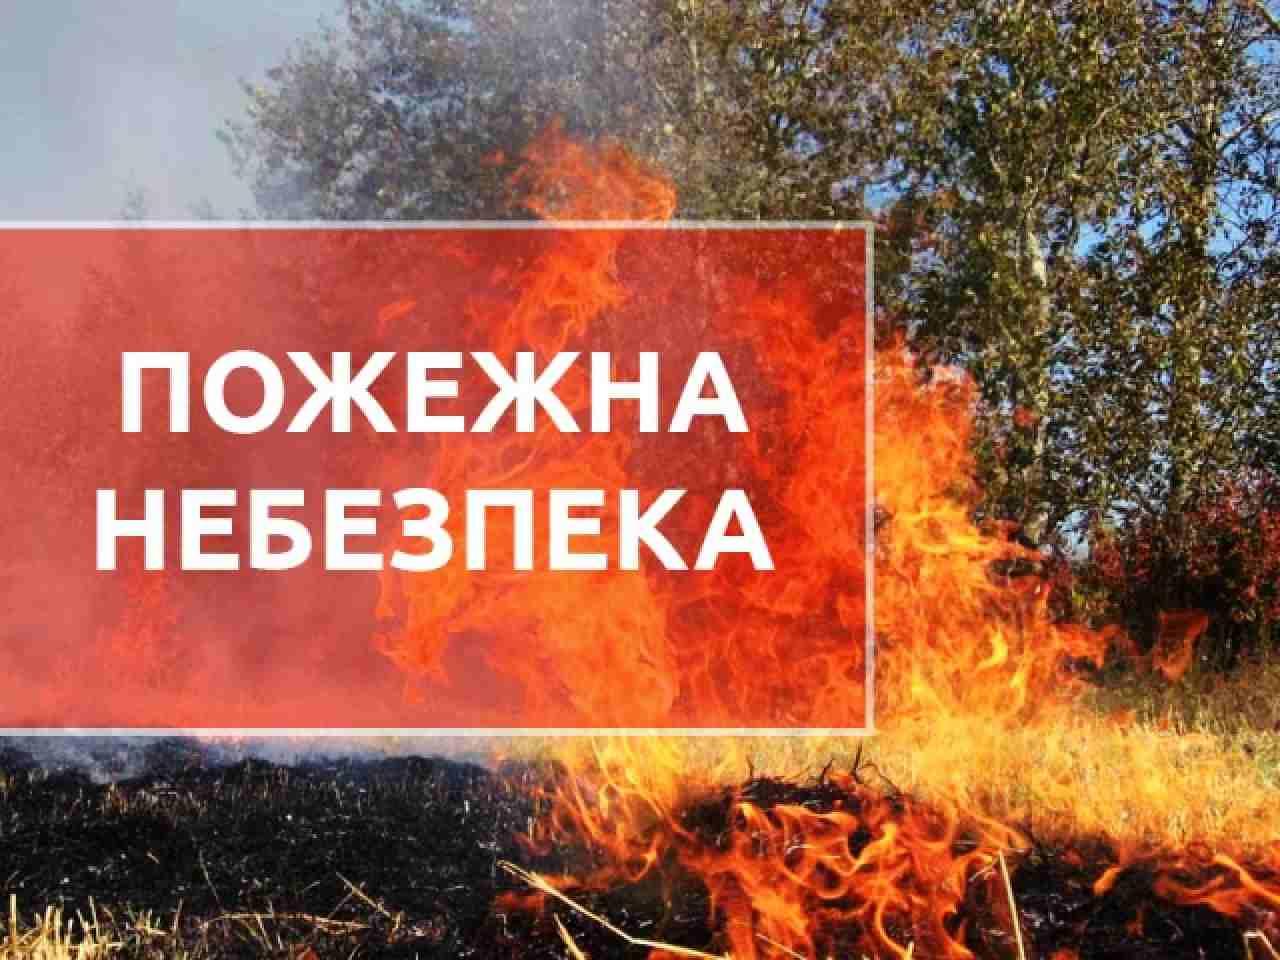 опасность пожаров в днепре